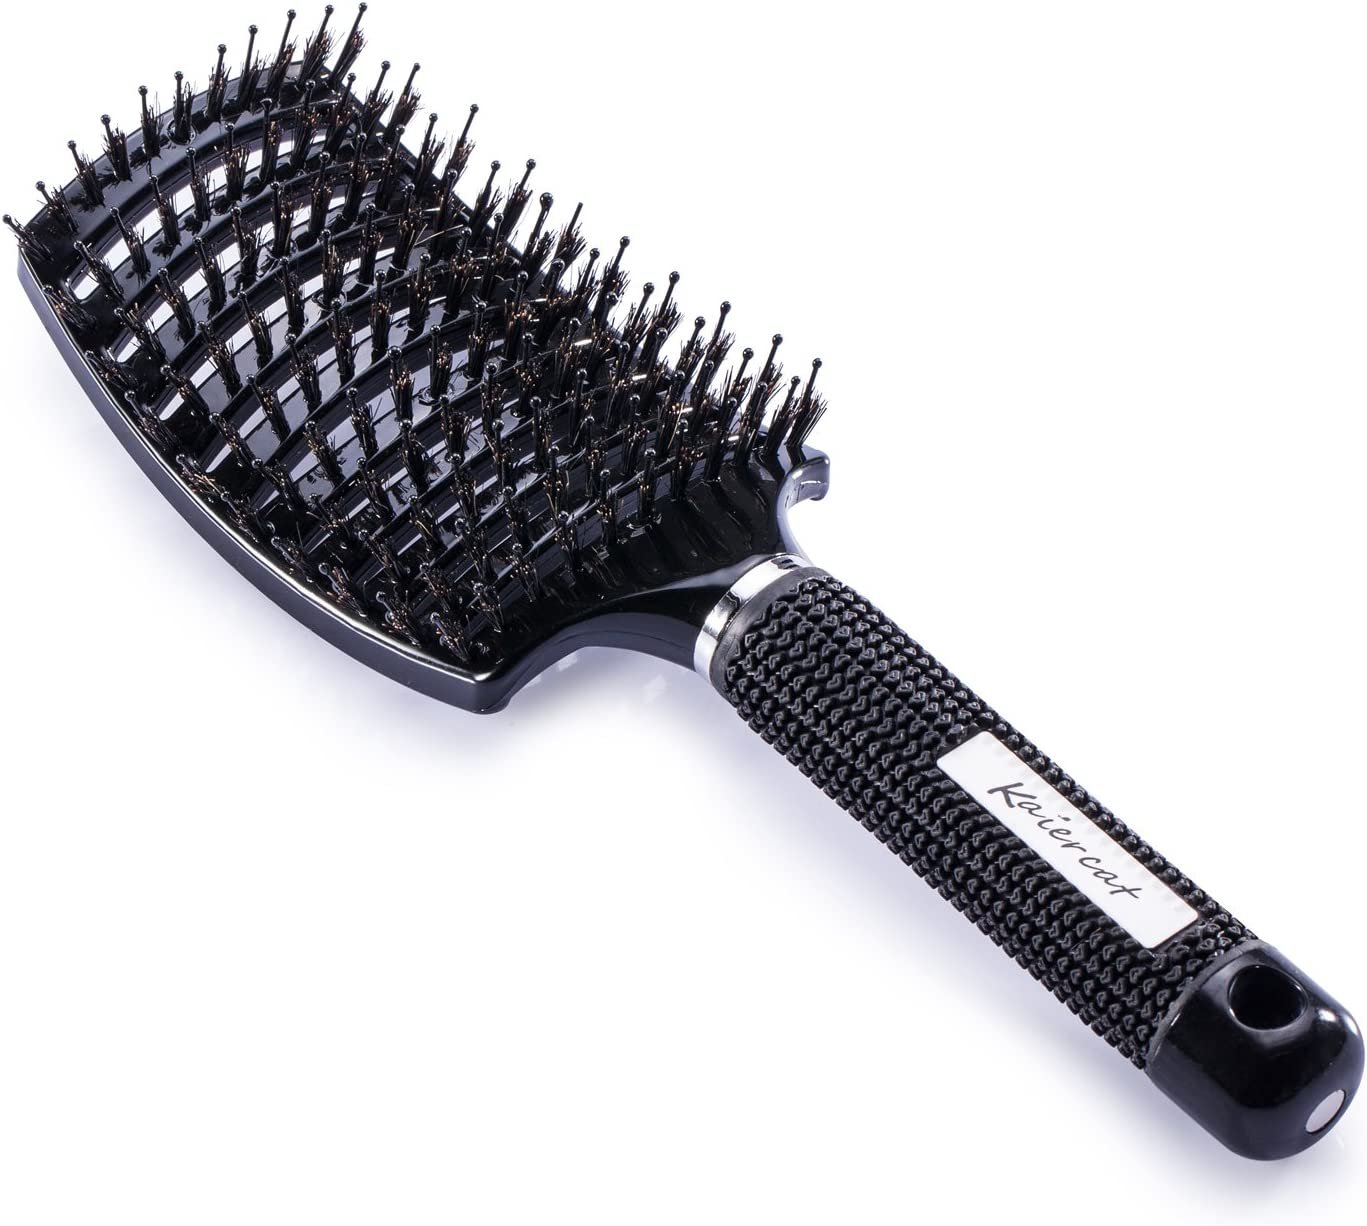 Kaiercat Cepillo De Cerdas De Jabalí-Lo mejor en desenredar el cabello grueso ventilado para un secado más rápido: cerdas de jabalí 100% naturales para la distribución del aceite capilar (negro)